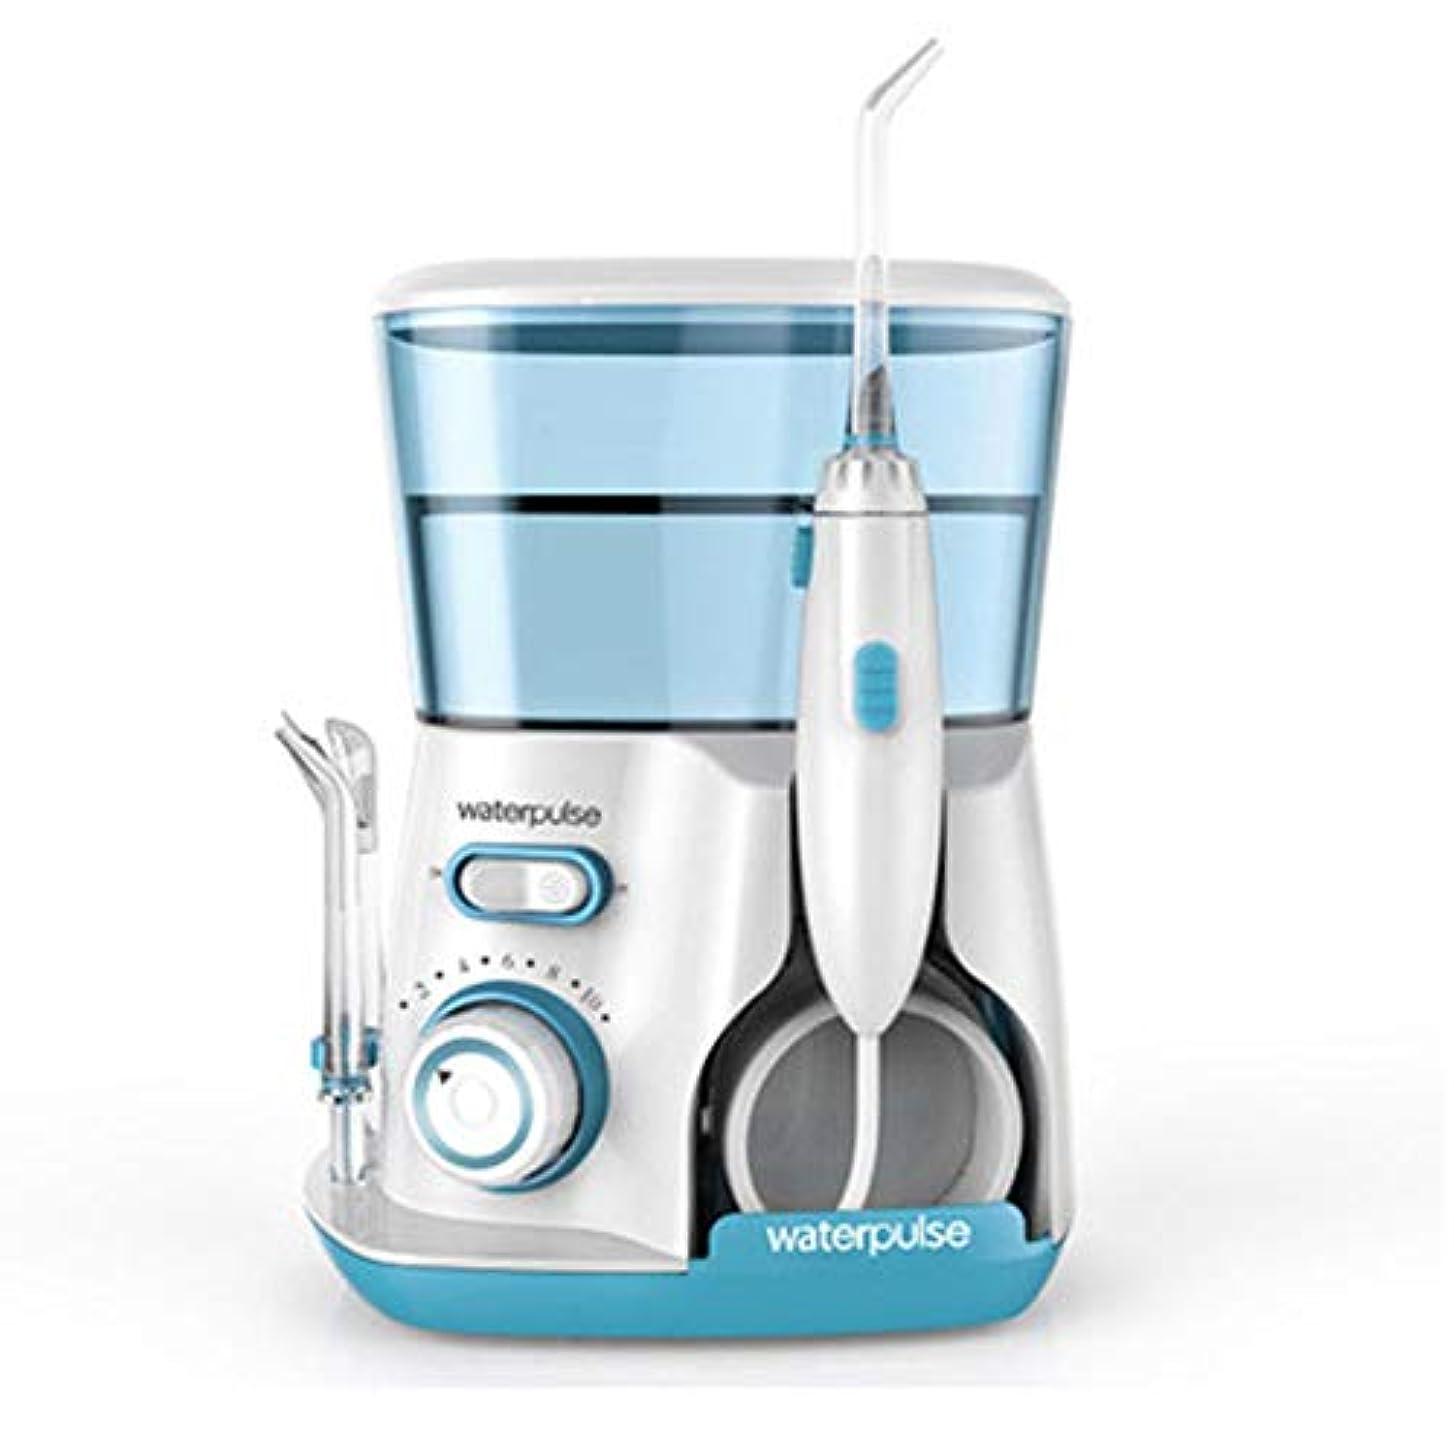 ヒントスカウトビヨン水の容量800mlの5つの多機能ヒントのカウンタートップ歯科口腔洗浄器でリークプルーフ電気静かな設計ホーム&トラベル (色 : Green)